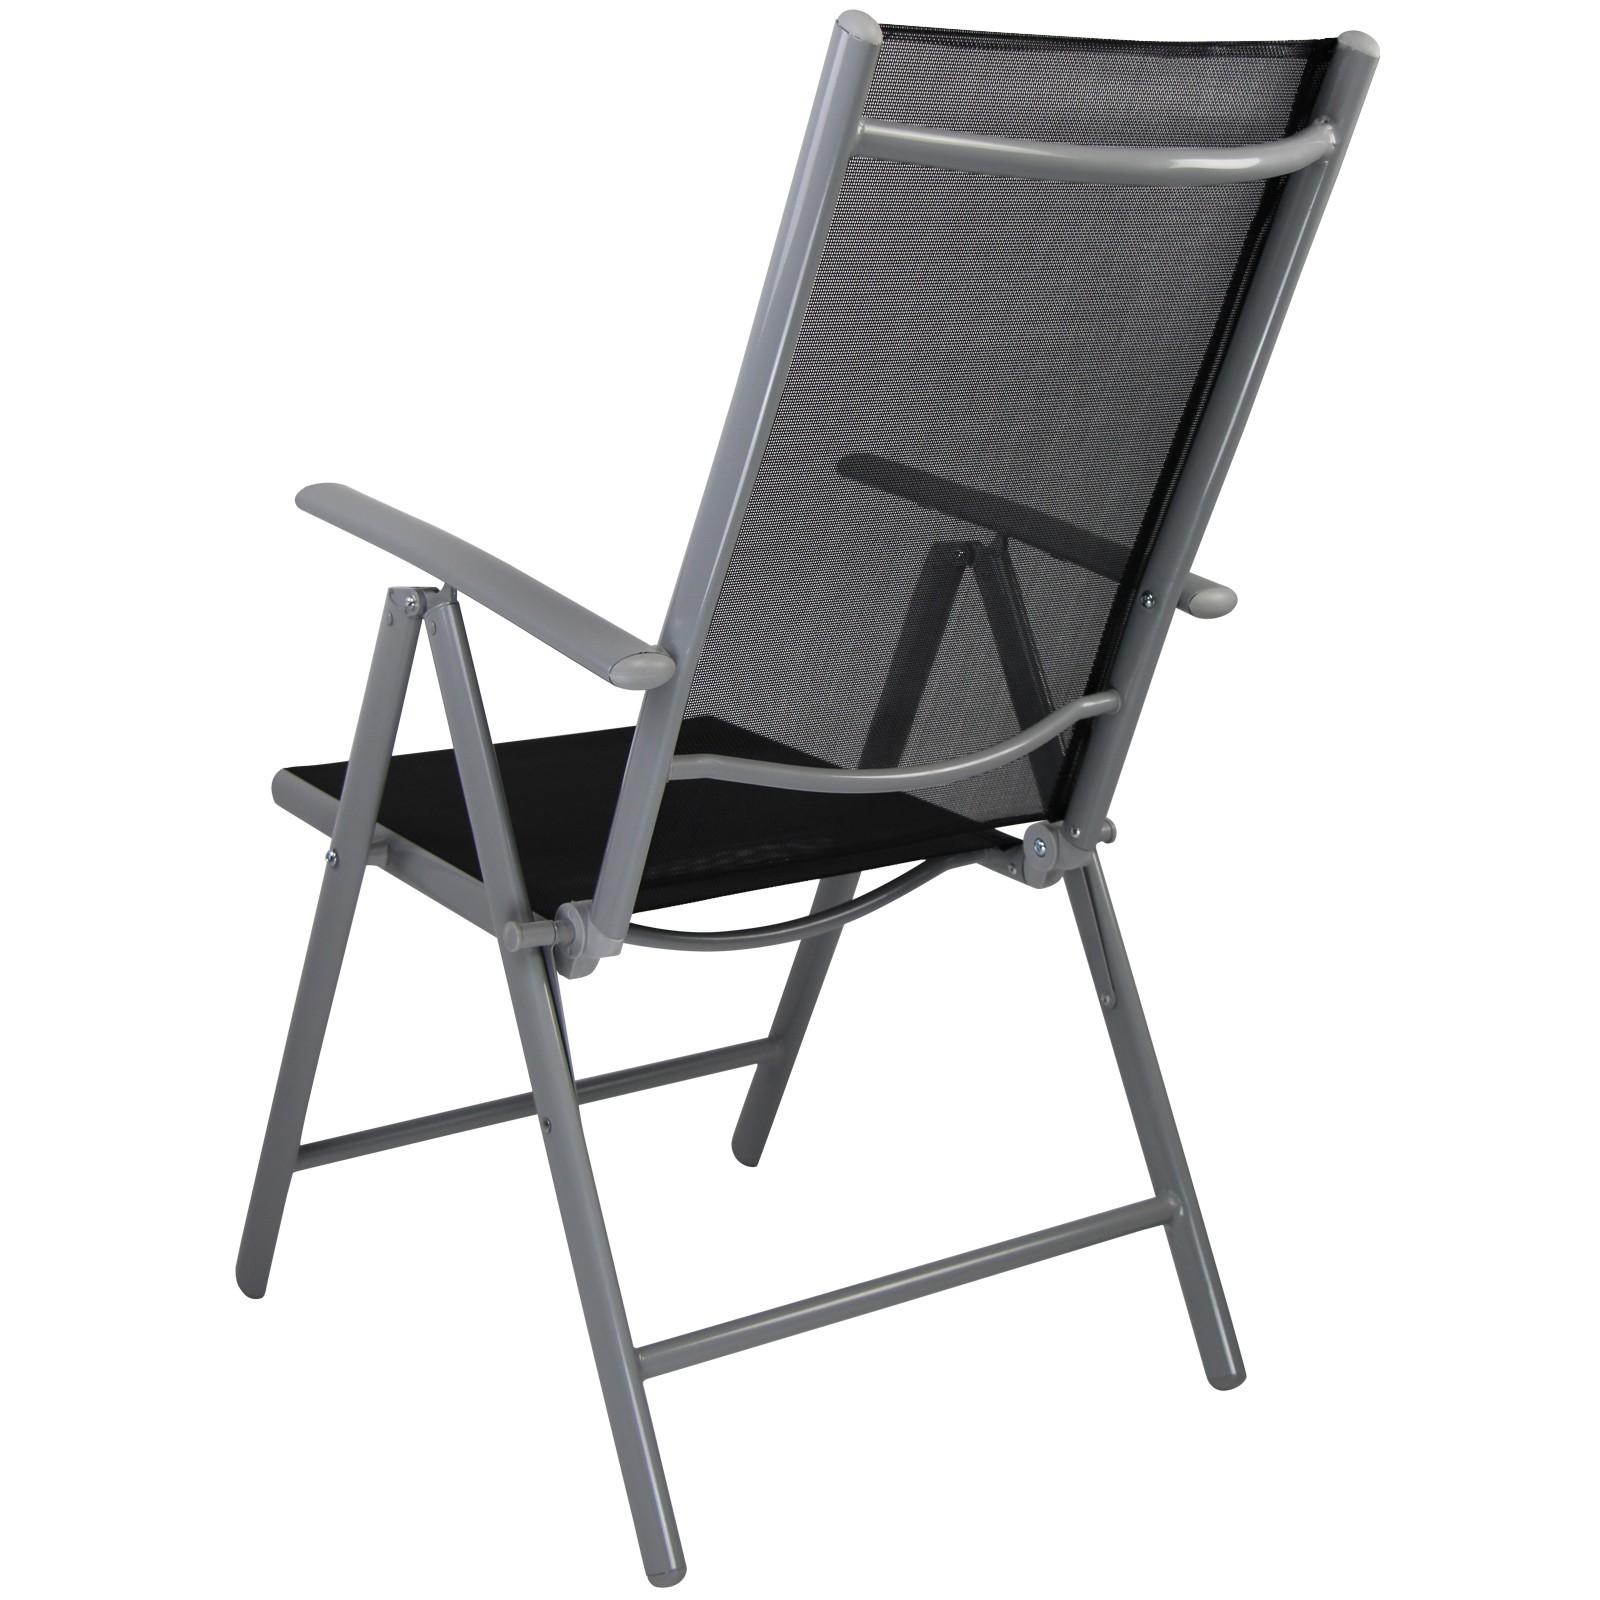 stuhl klappstuhl gartenstuhl campingstuhl hochlehner alu. Black Bedroom Furniture Sets. Home Design Ideas